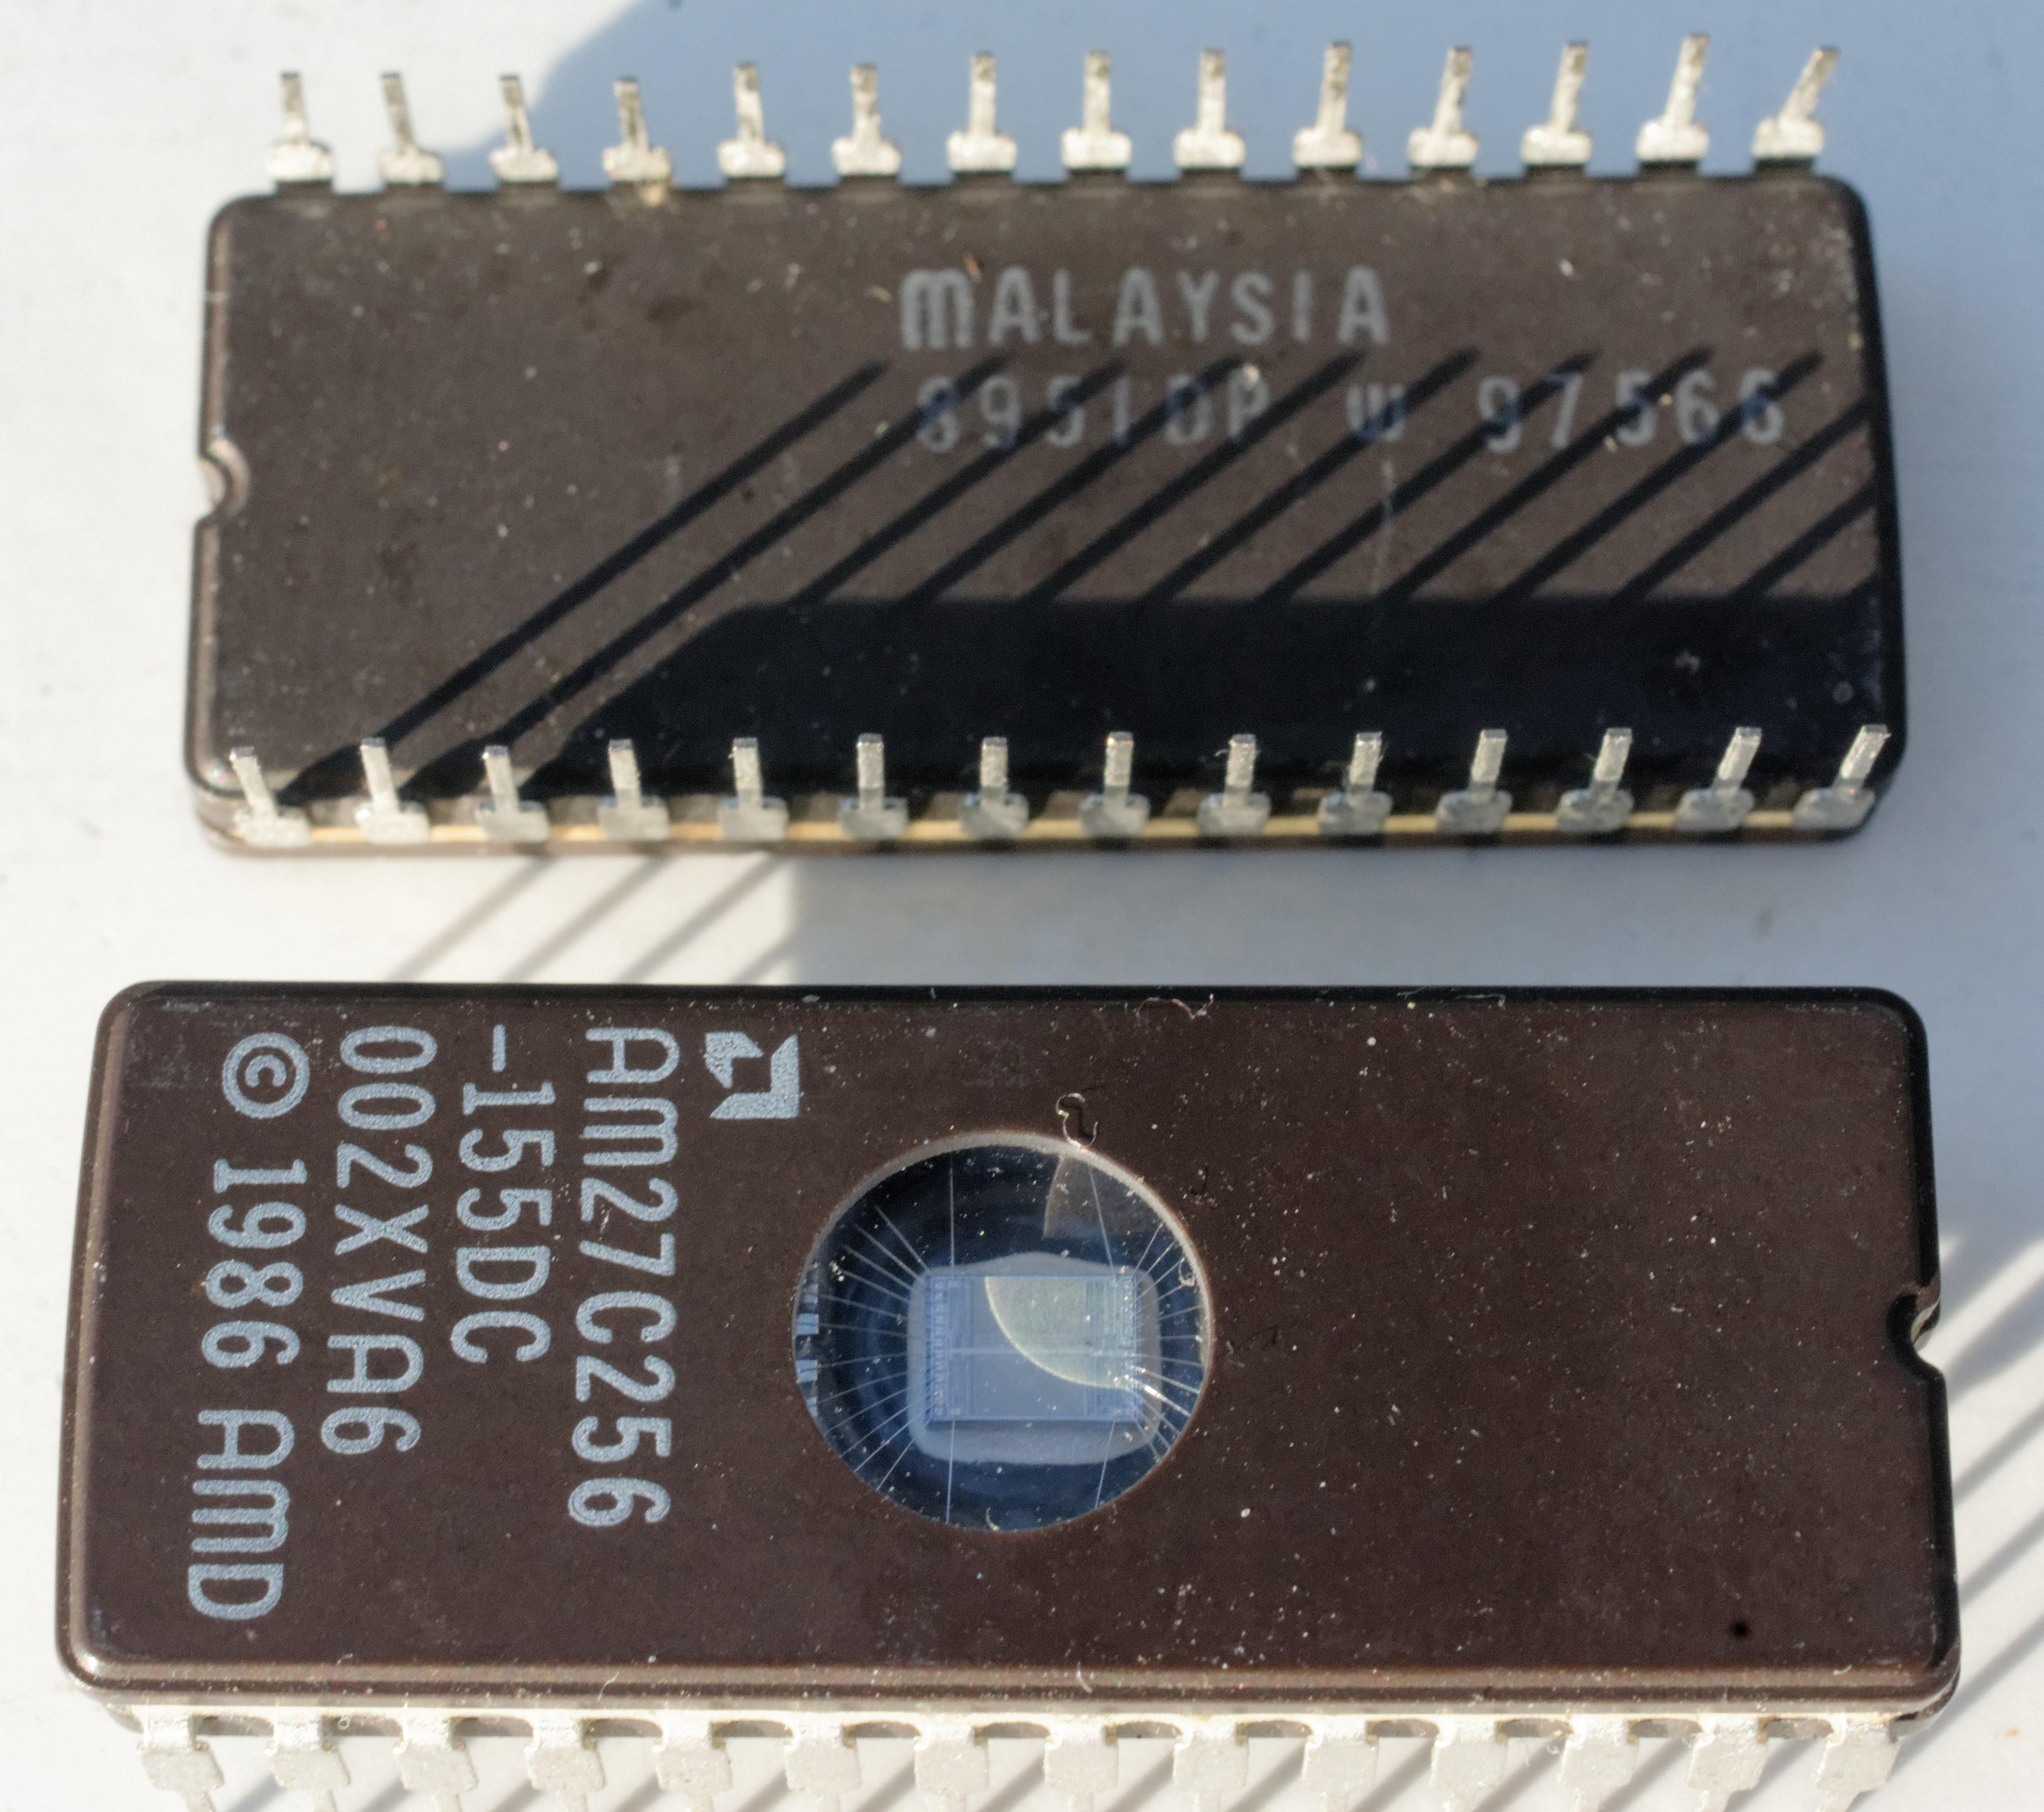 Pair of BIOS chips